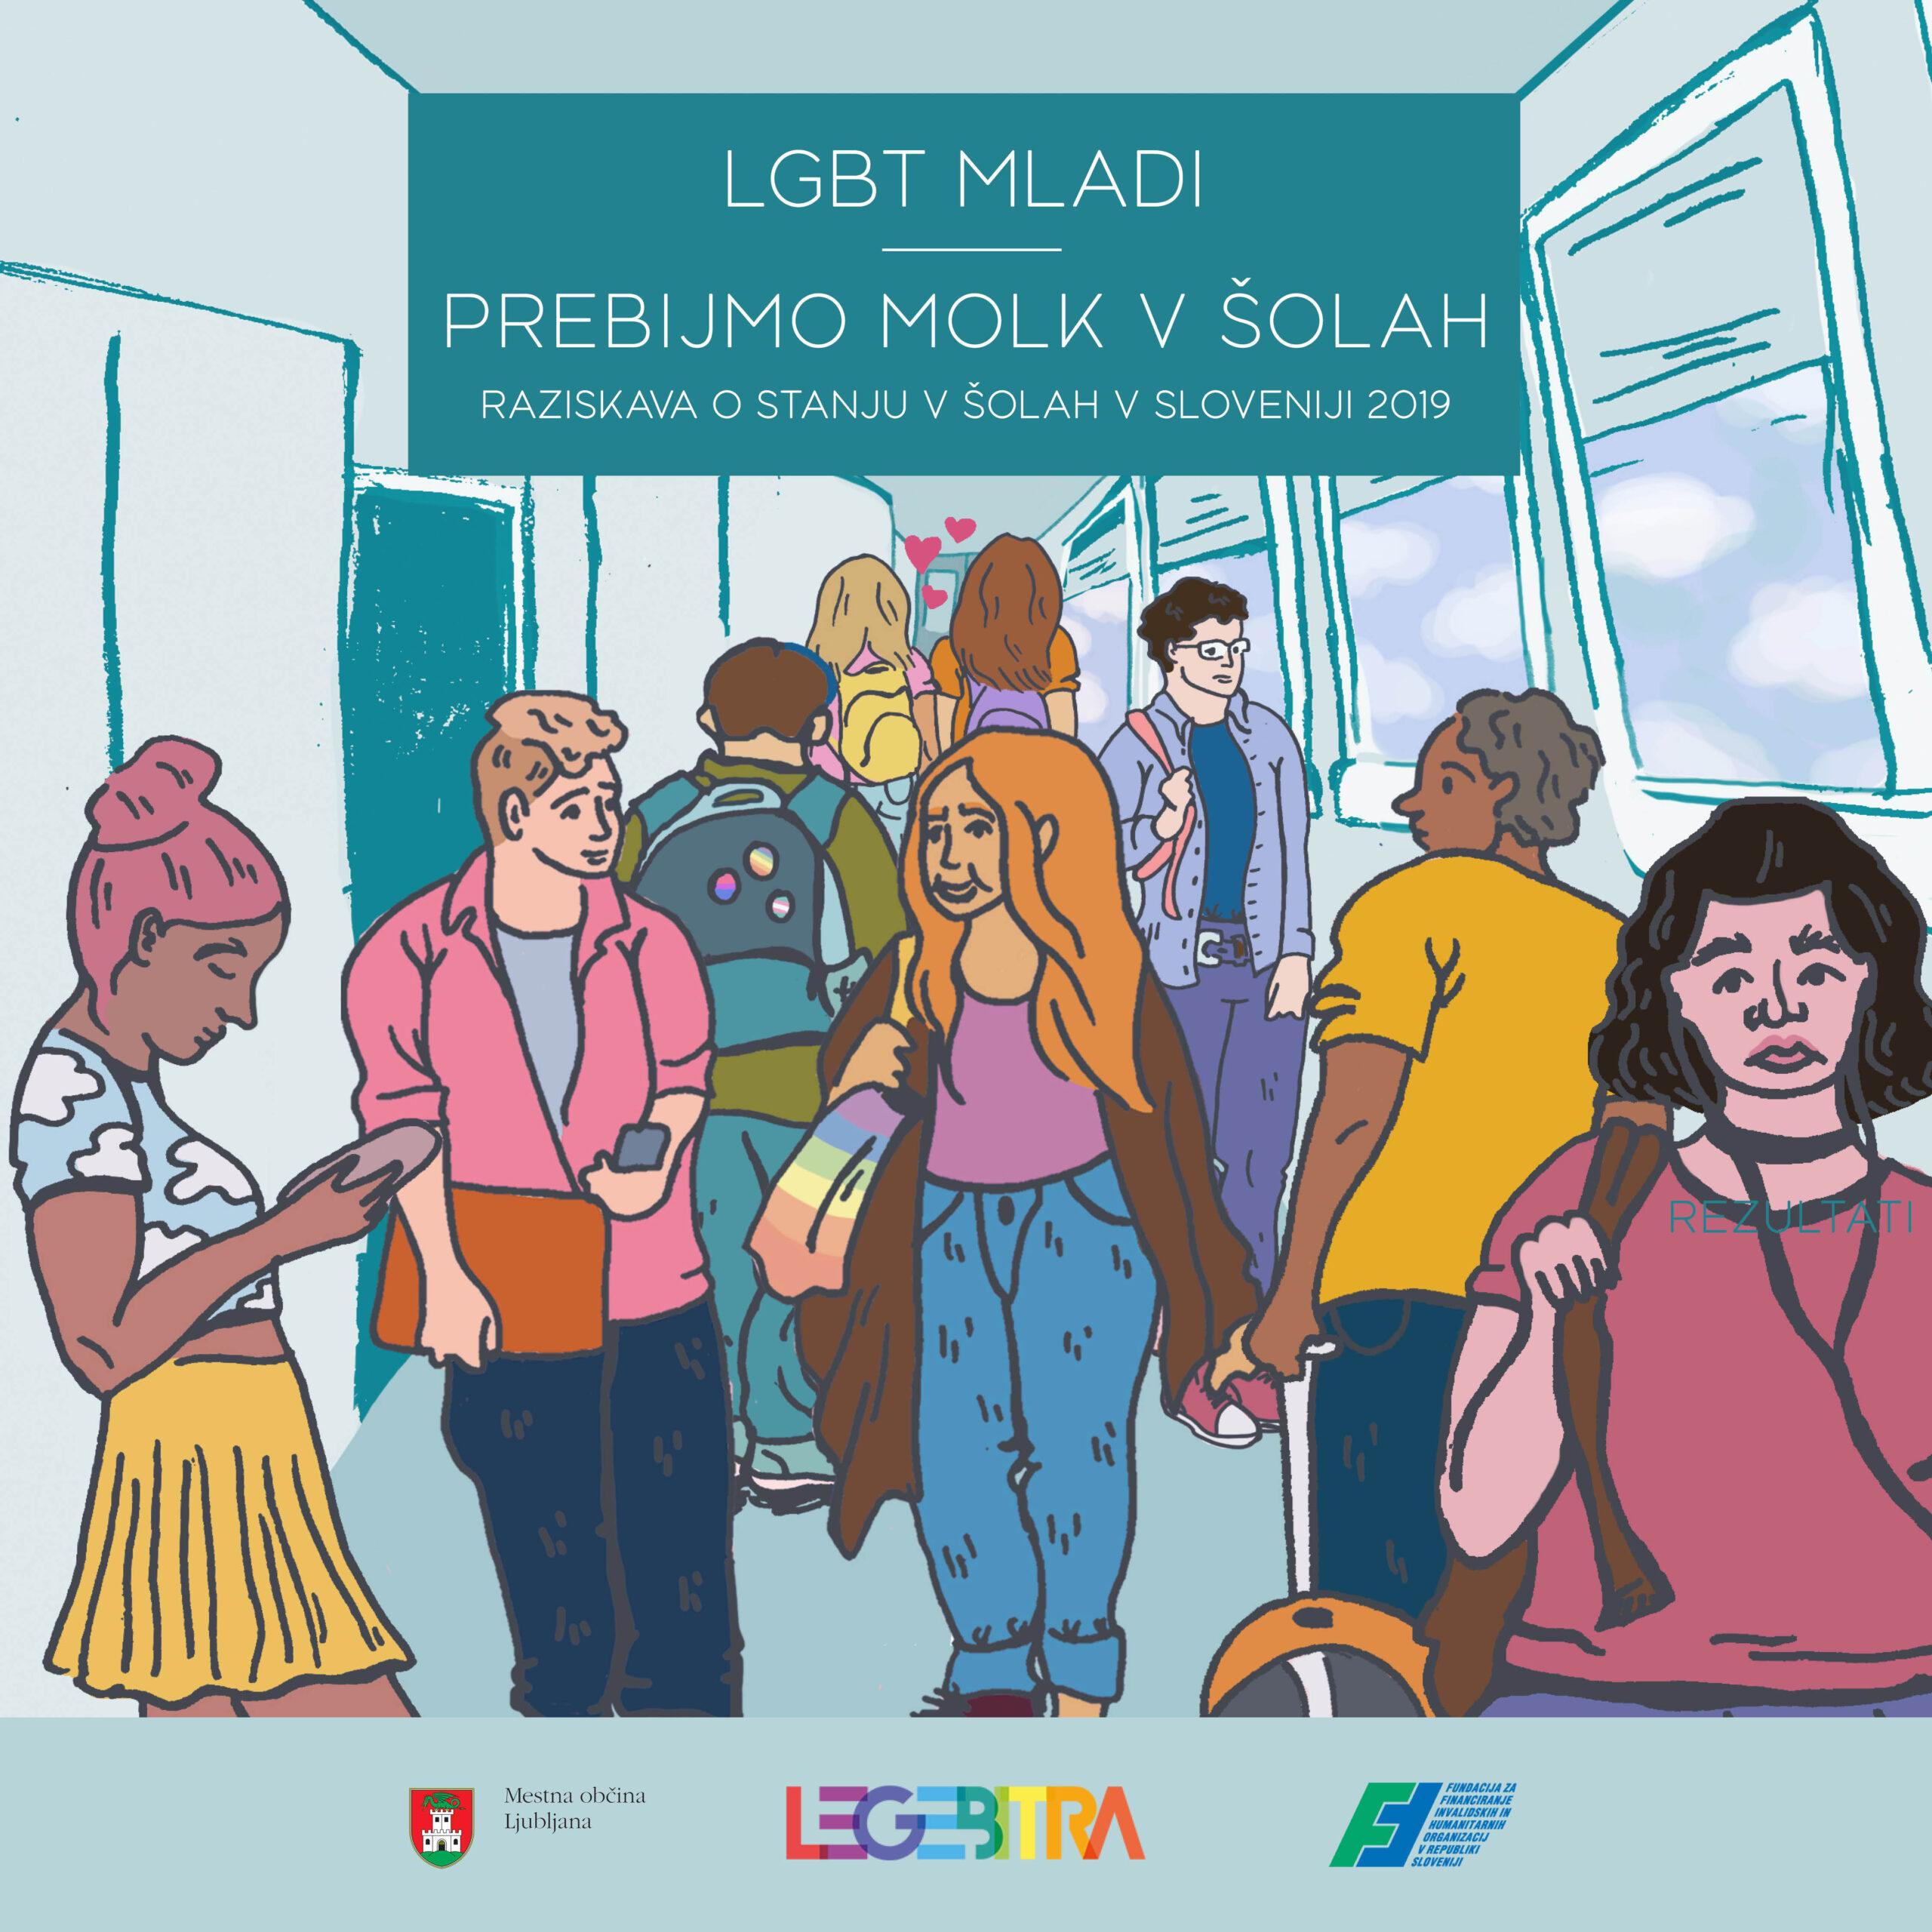 Ob izidu končnega poročila o rezultatih raziskave o stanju v šolah 2019: LGBT mladi – Prebijmo molk v šolah